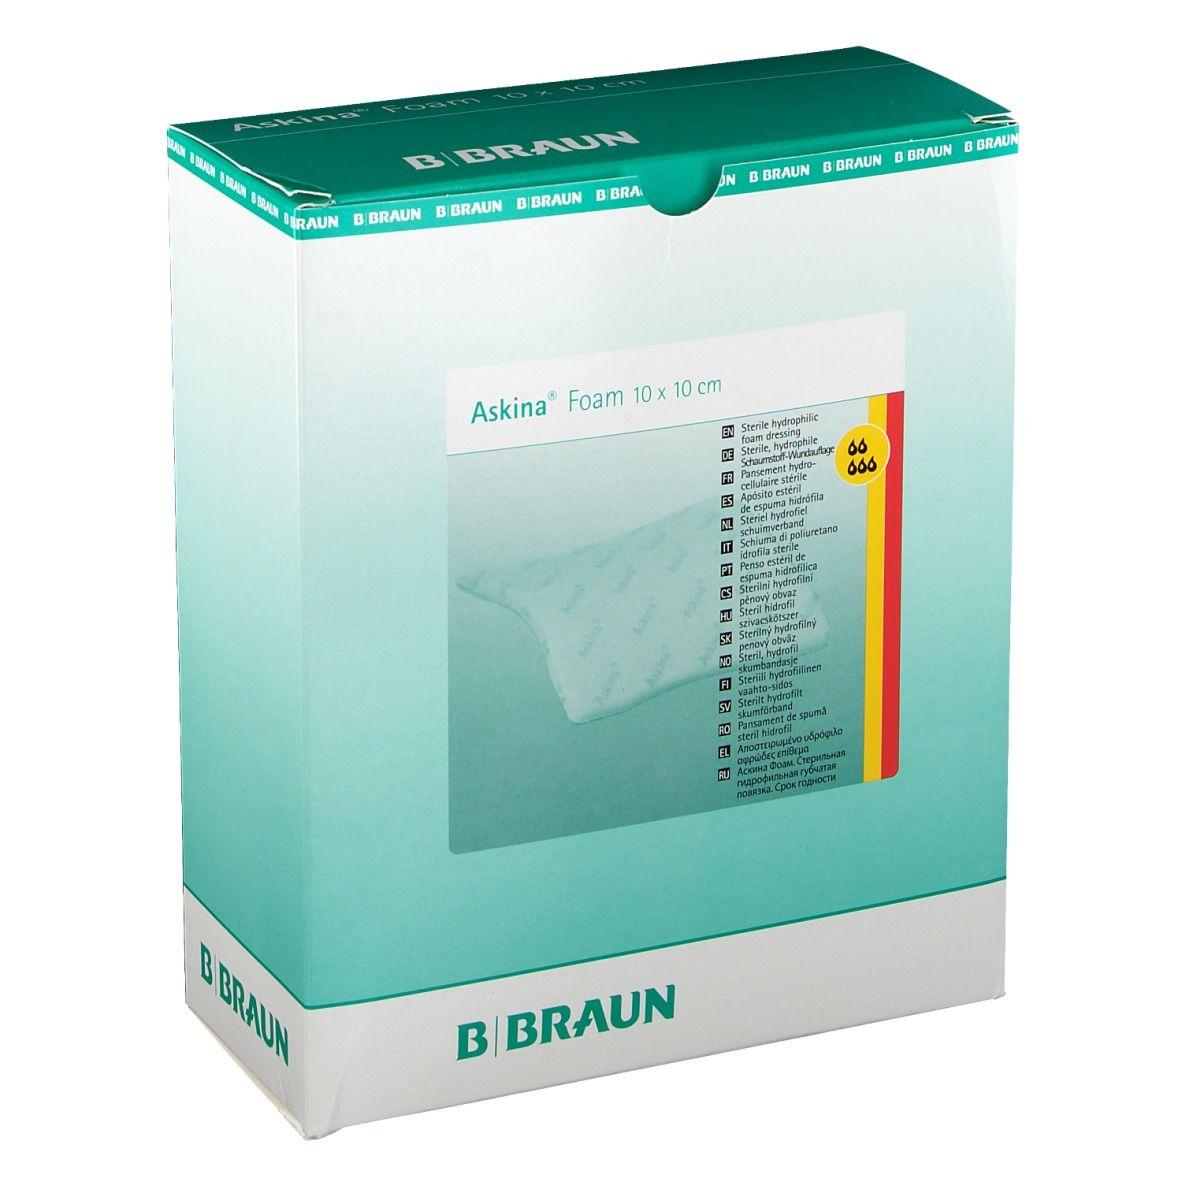 Askina® Foam 10 x 10 cm steril